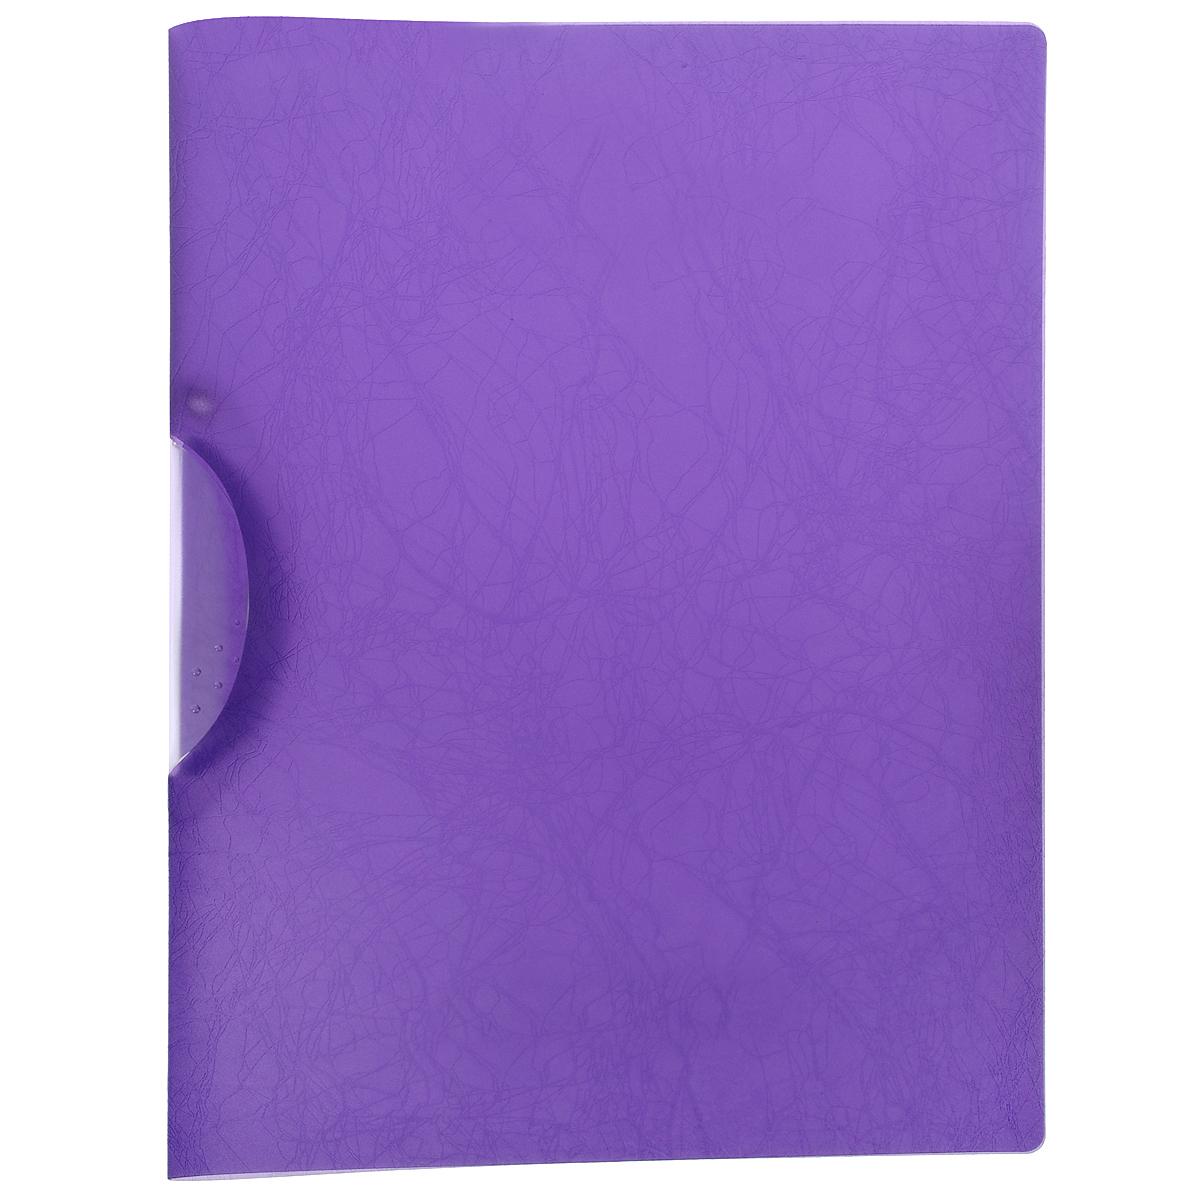 Папка с клипом Centrum Soft Touch, цвет: фиолетовый. Формат А4 папка с клипом centrum прозрачная цвет синий формат а4 4 шт